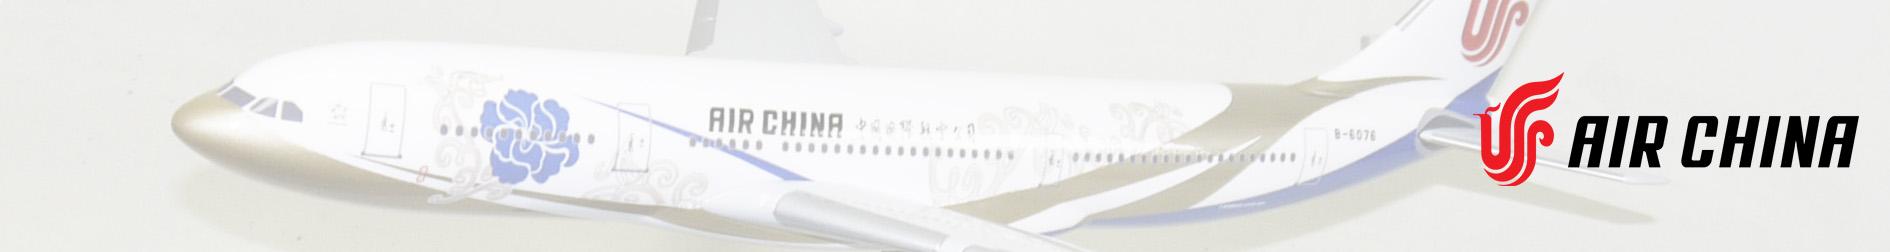 airchina.jpg